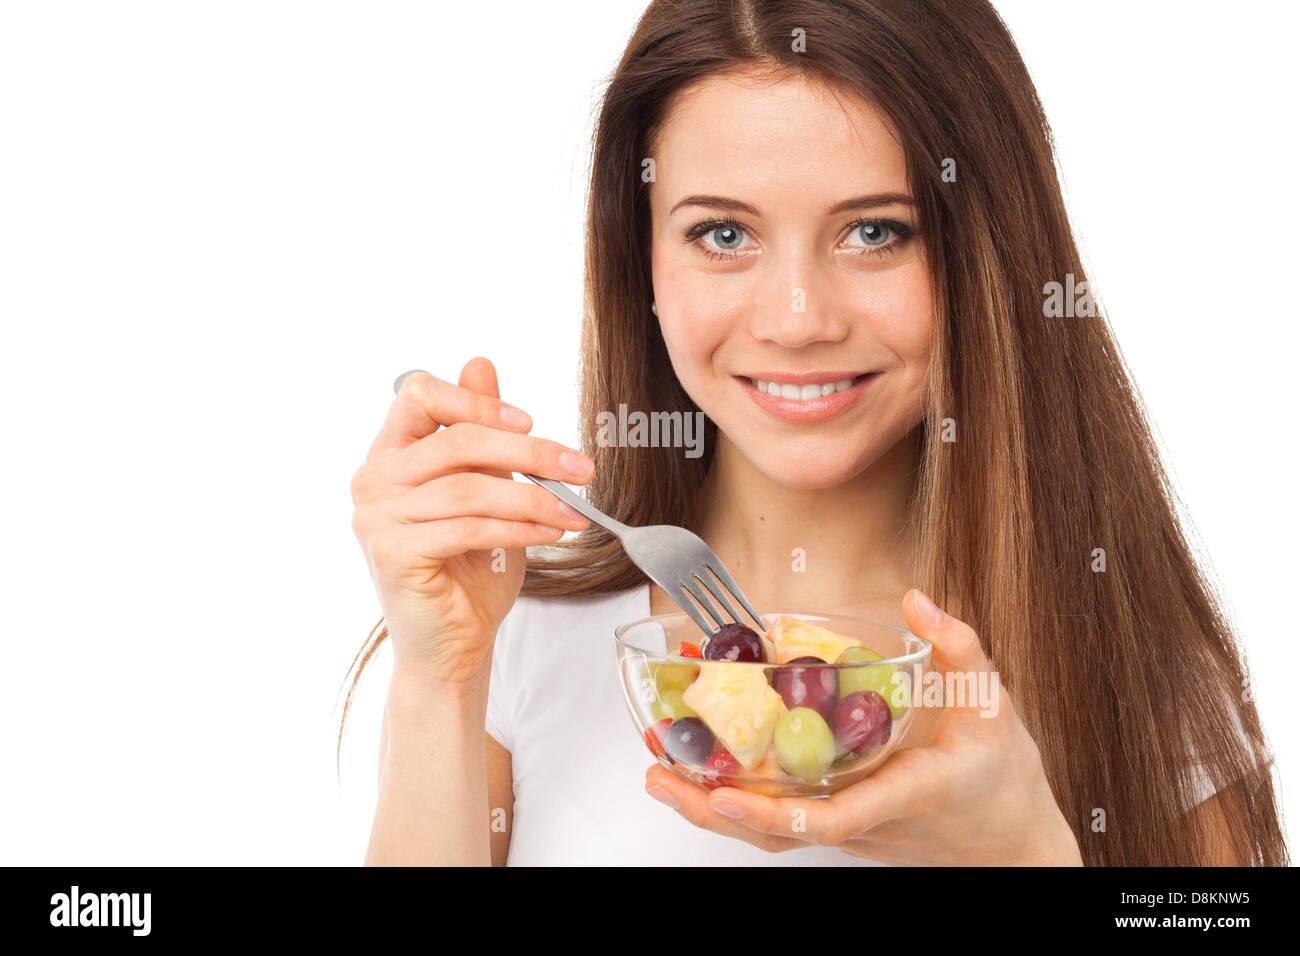 Porträt einer schönen Frau essen Früchte, isoliert auf weiss hautnah Stockbild